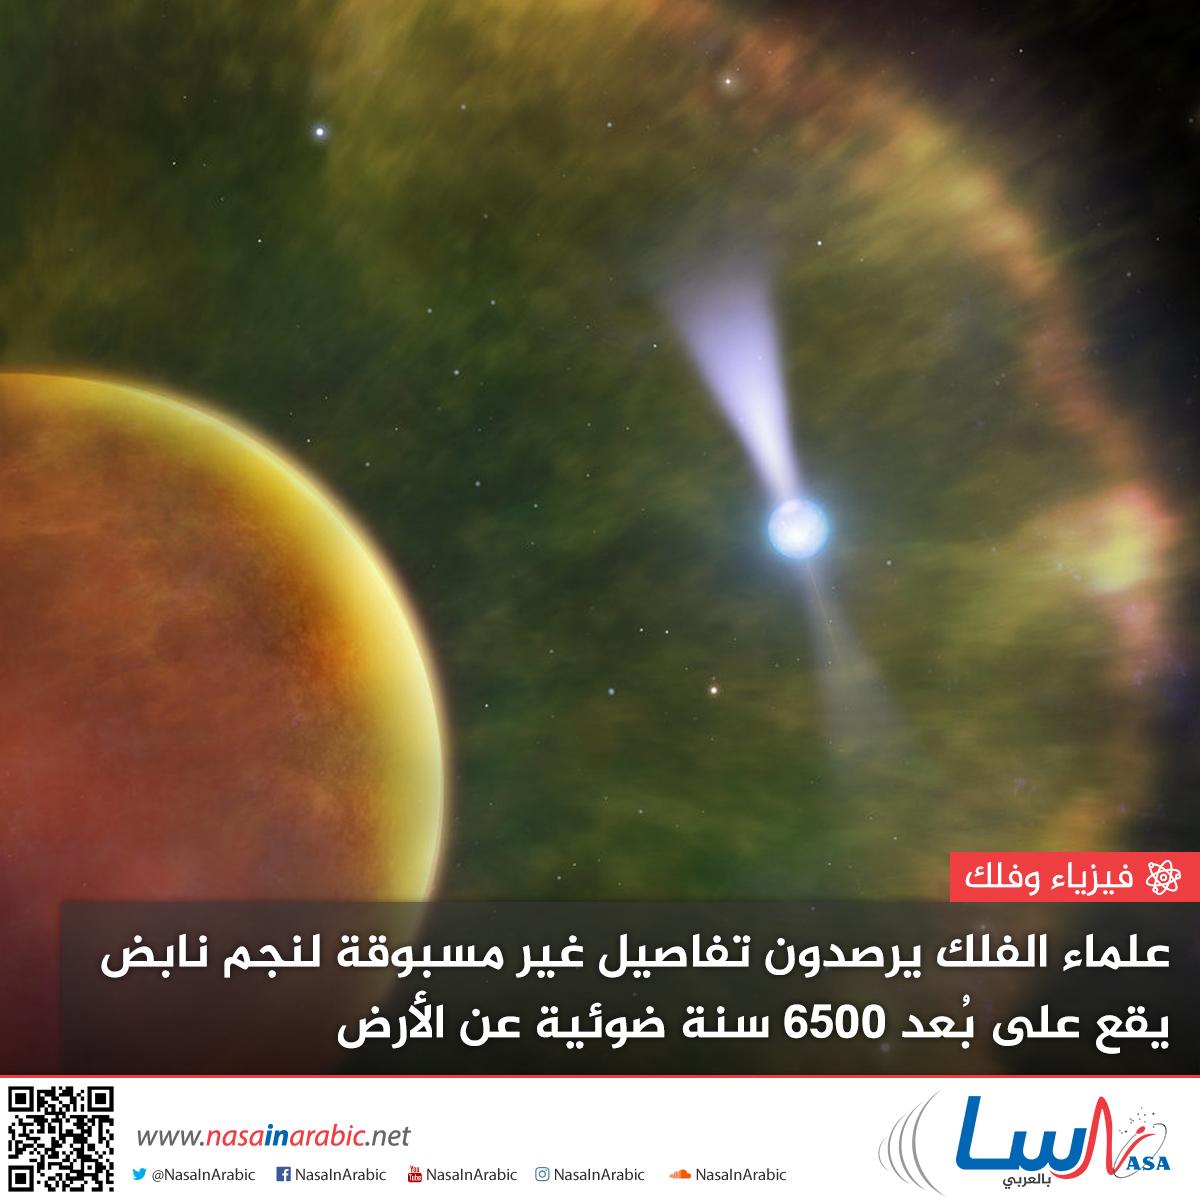 علماء الفلك يرصدون تفاصيل غير مسبوقة لنجم نابض يقع على بعد 6500 سنة ضوئية عن الأرض